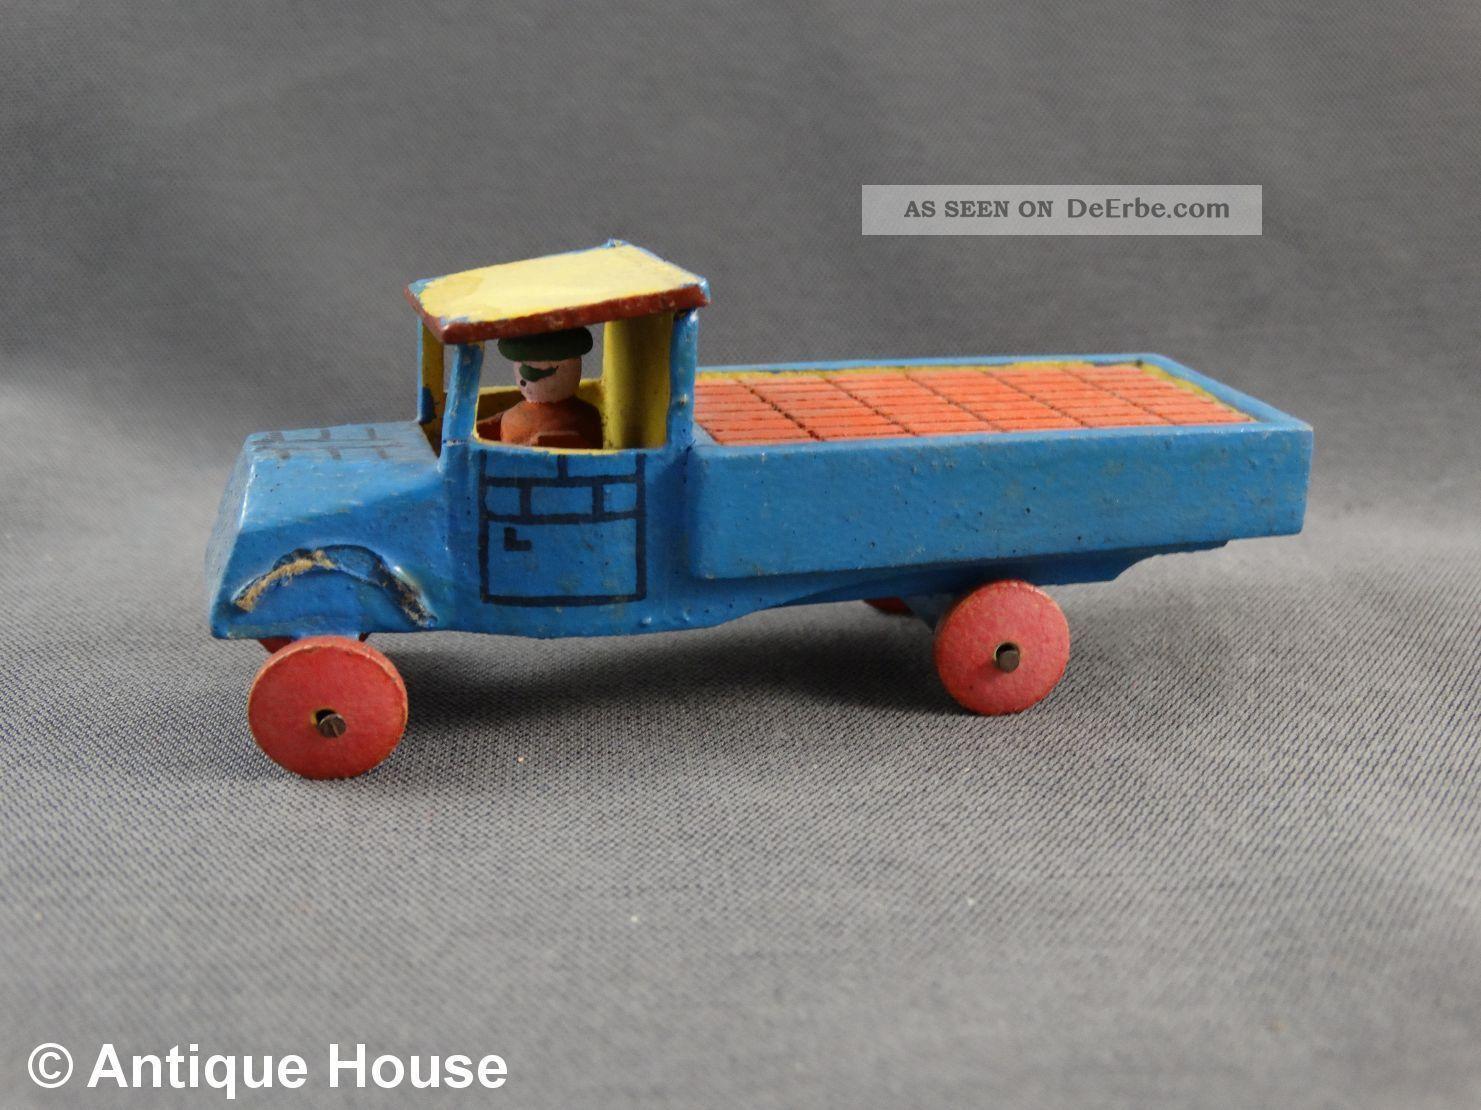 Erzgebirge Seiffen Alter Miniatur Lastwagen Lkw Transporter Ladung Steine Backst Objekte nach 1945 Bild